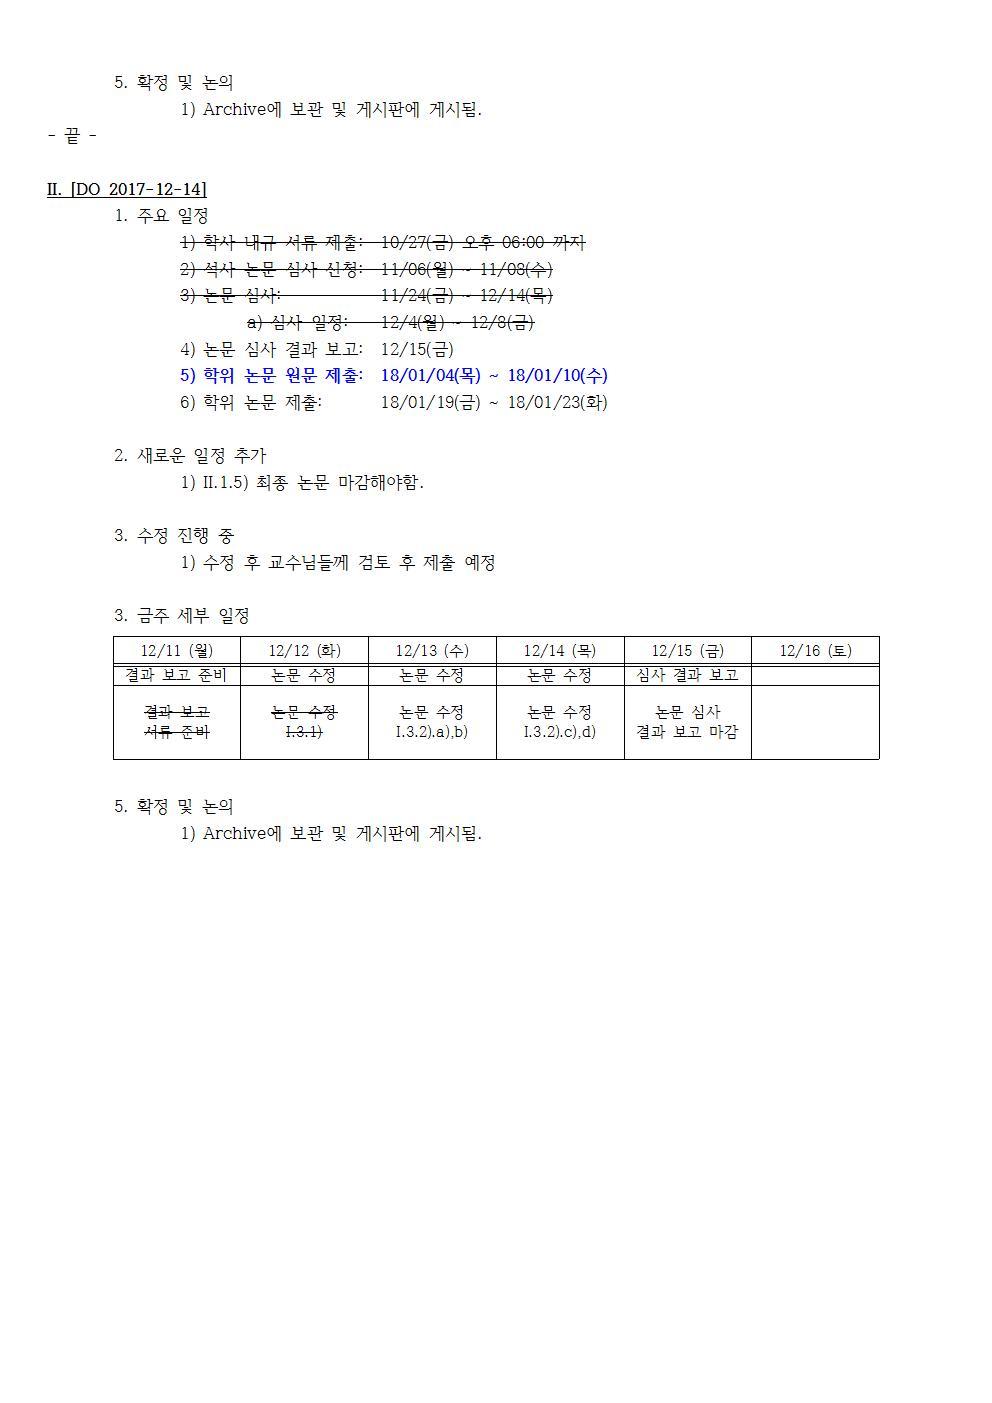 D-[17-100-PP-19]-[MS-G-Paper-JS]-[JS]-[2017-12-14]-[PLAN][DO]002.jpg